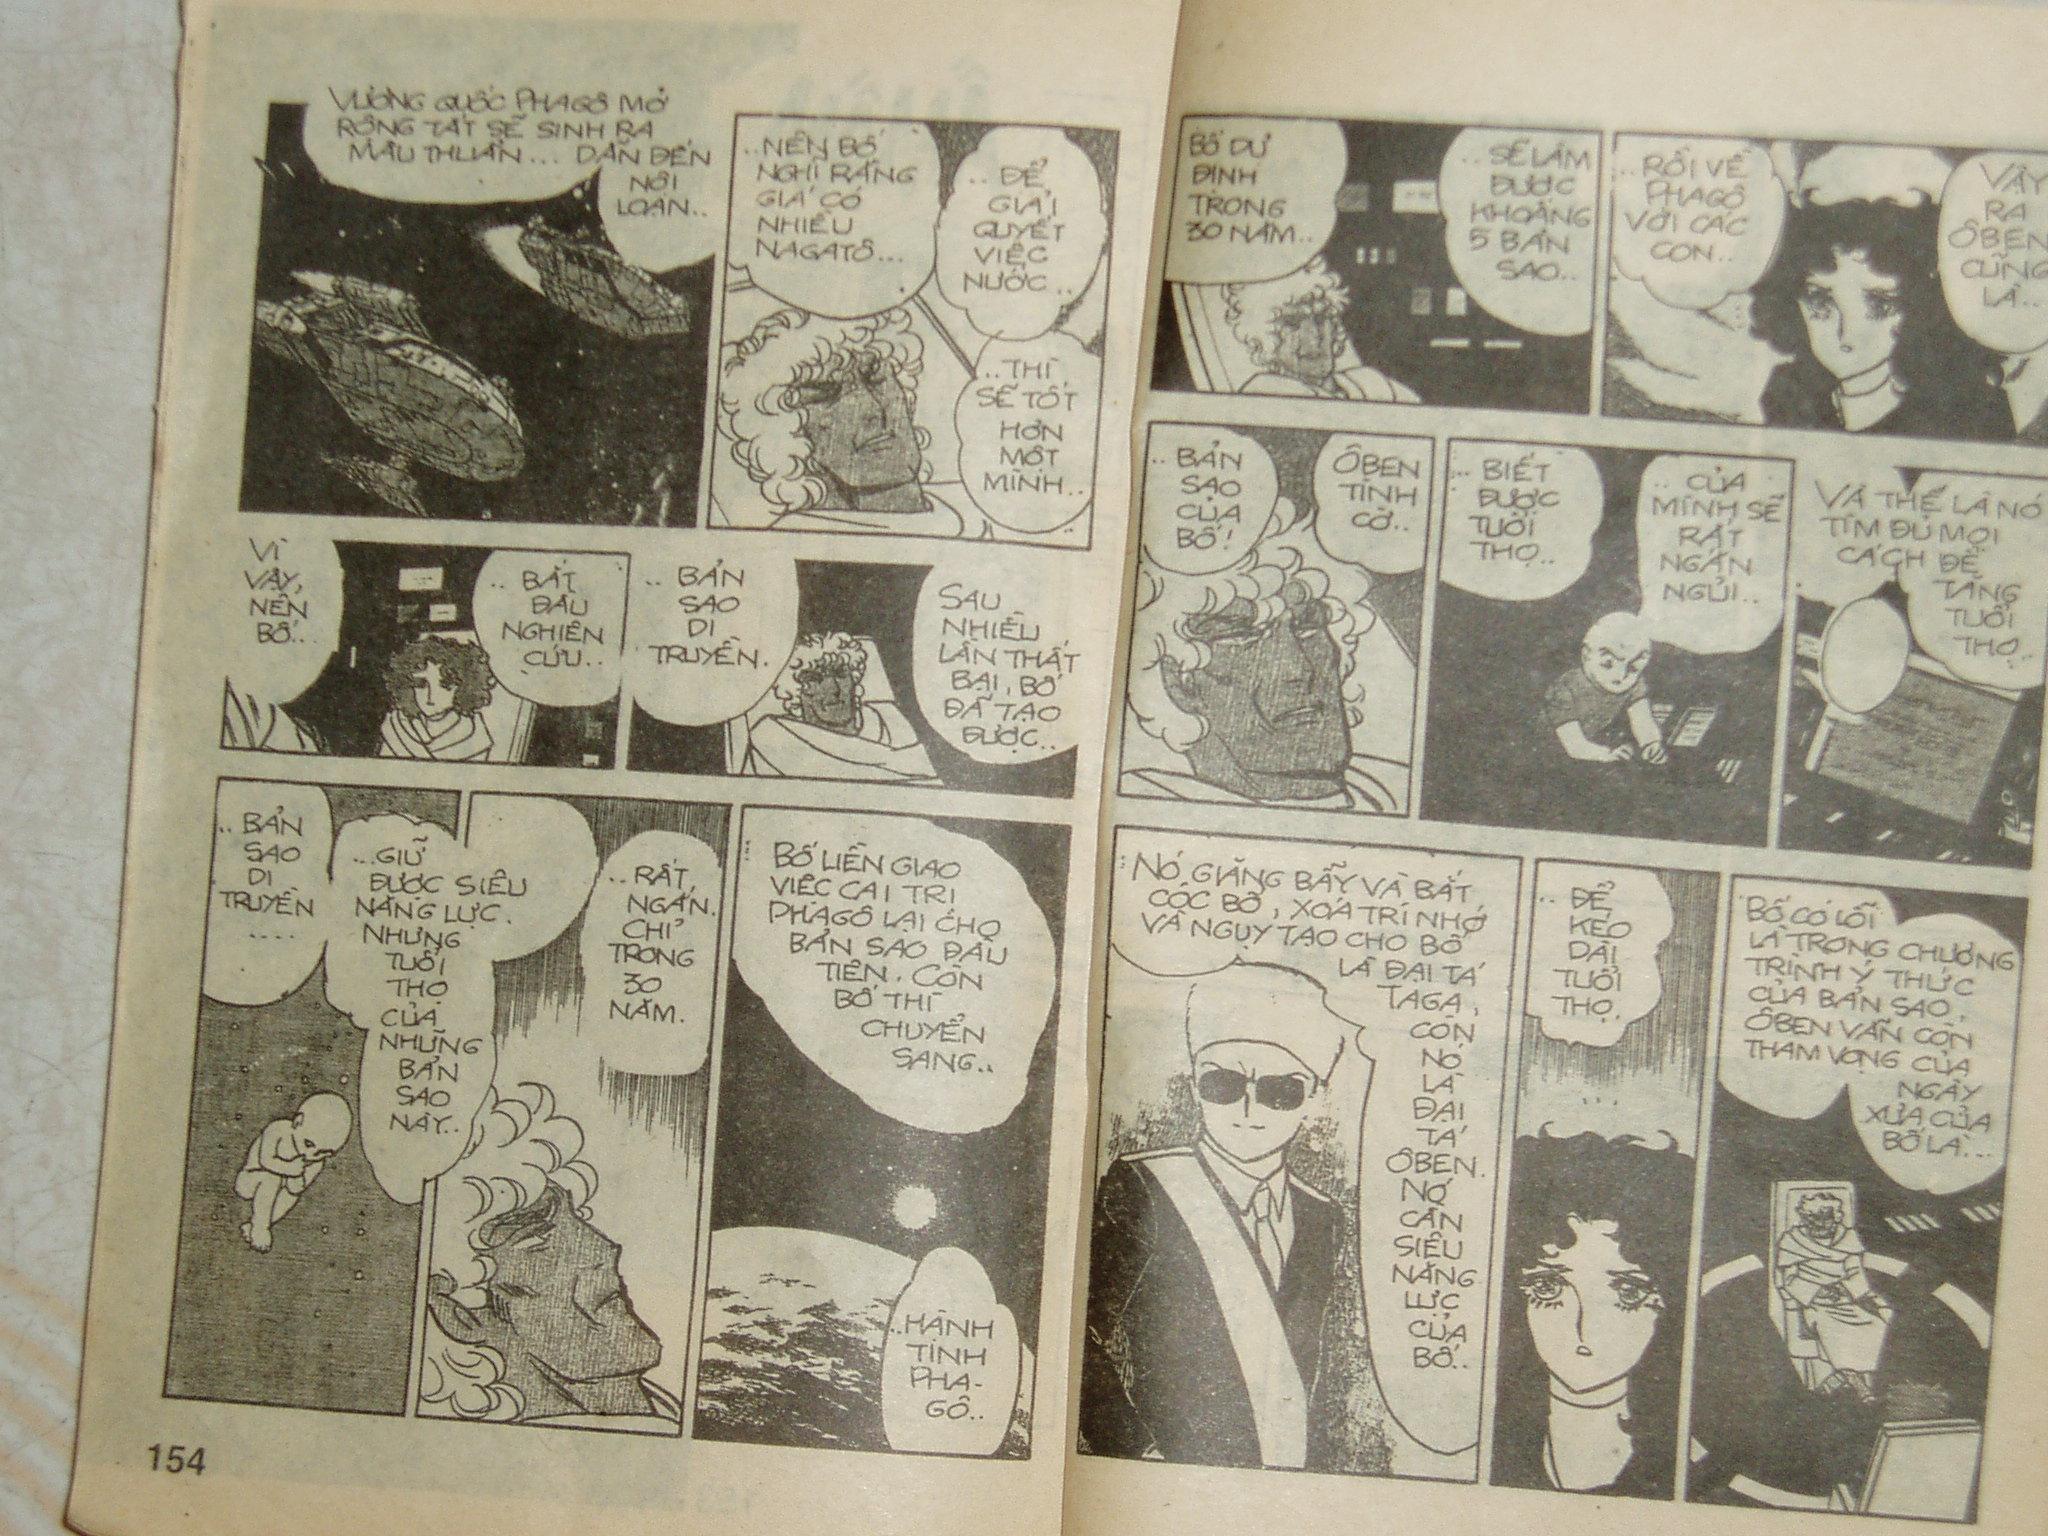 Siêu nhân Locke vol 13 trang 73